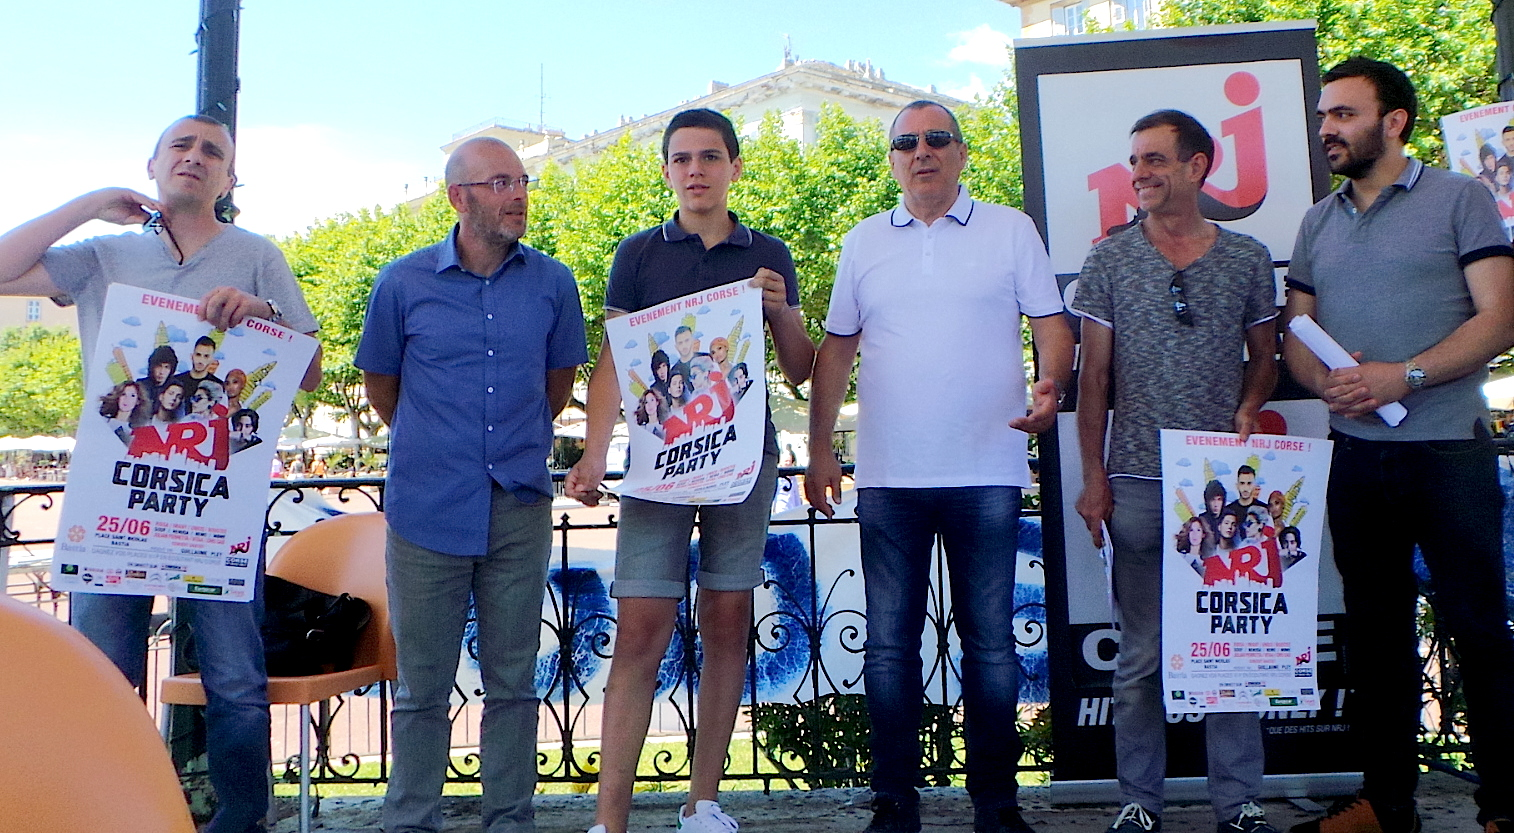 La Corsica party de NRJ : Samedi à Bastia